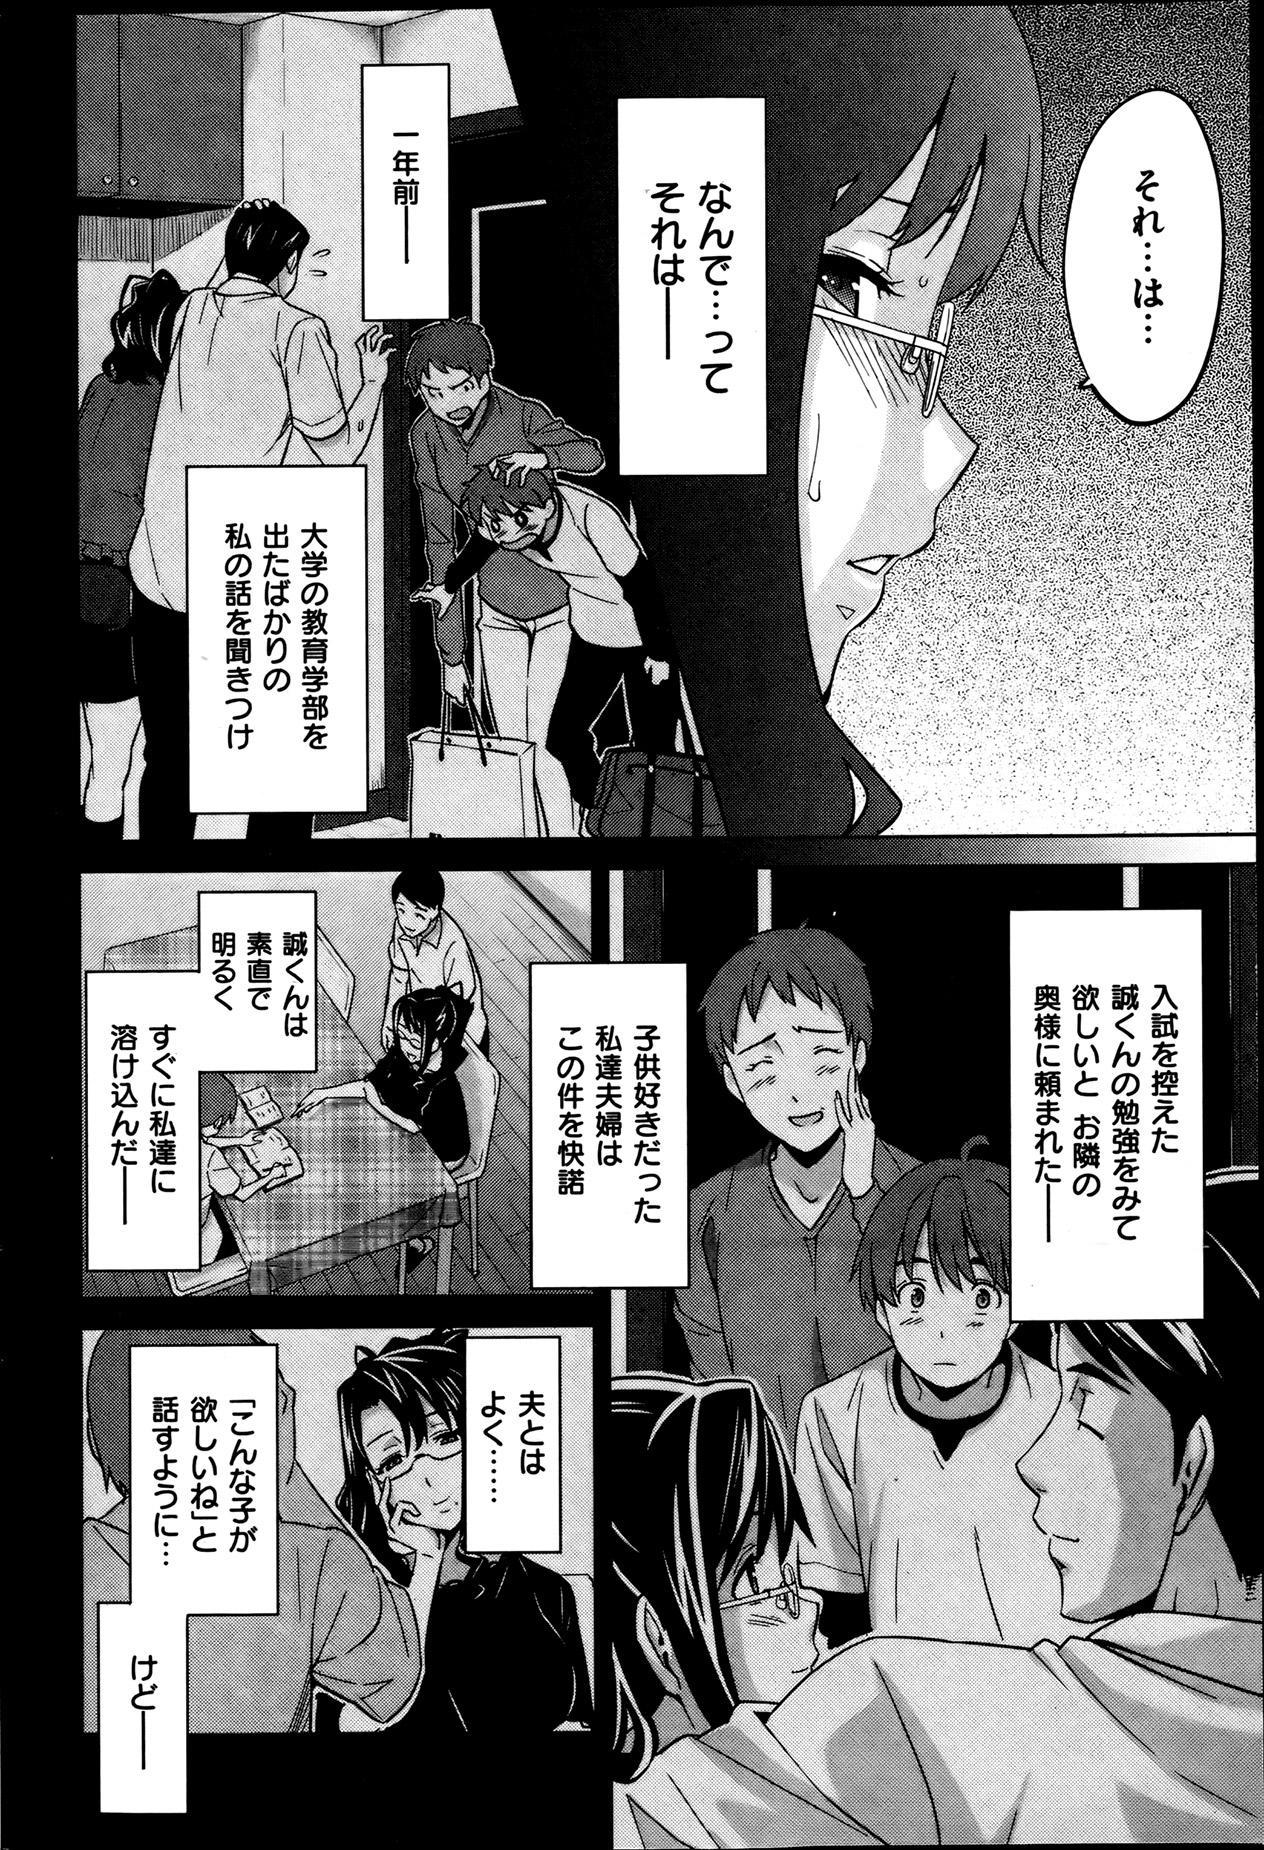 COMIC HANA-MAN 2013-08 Takeda Hiromitsu Tokushuu 57